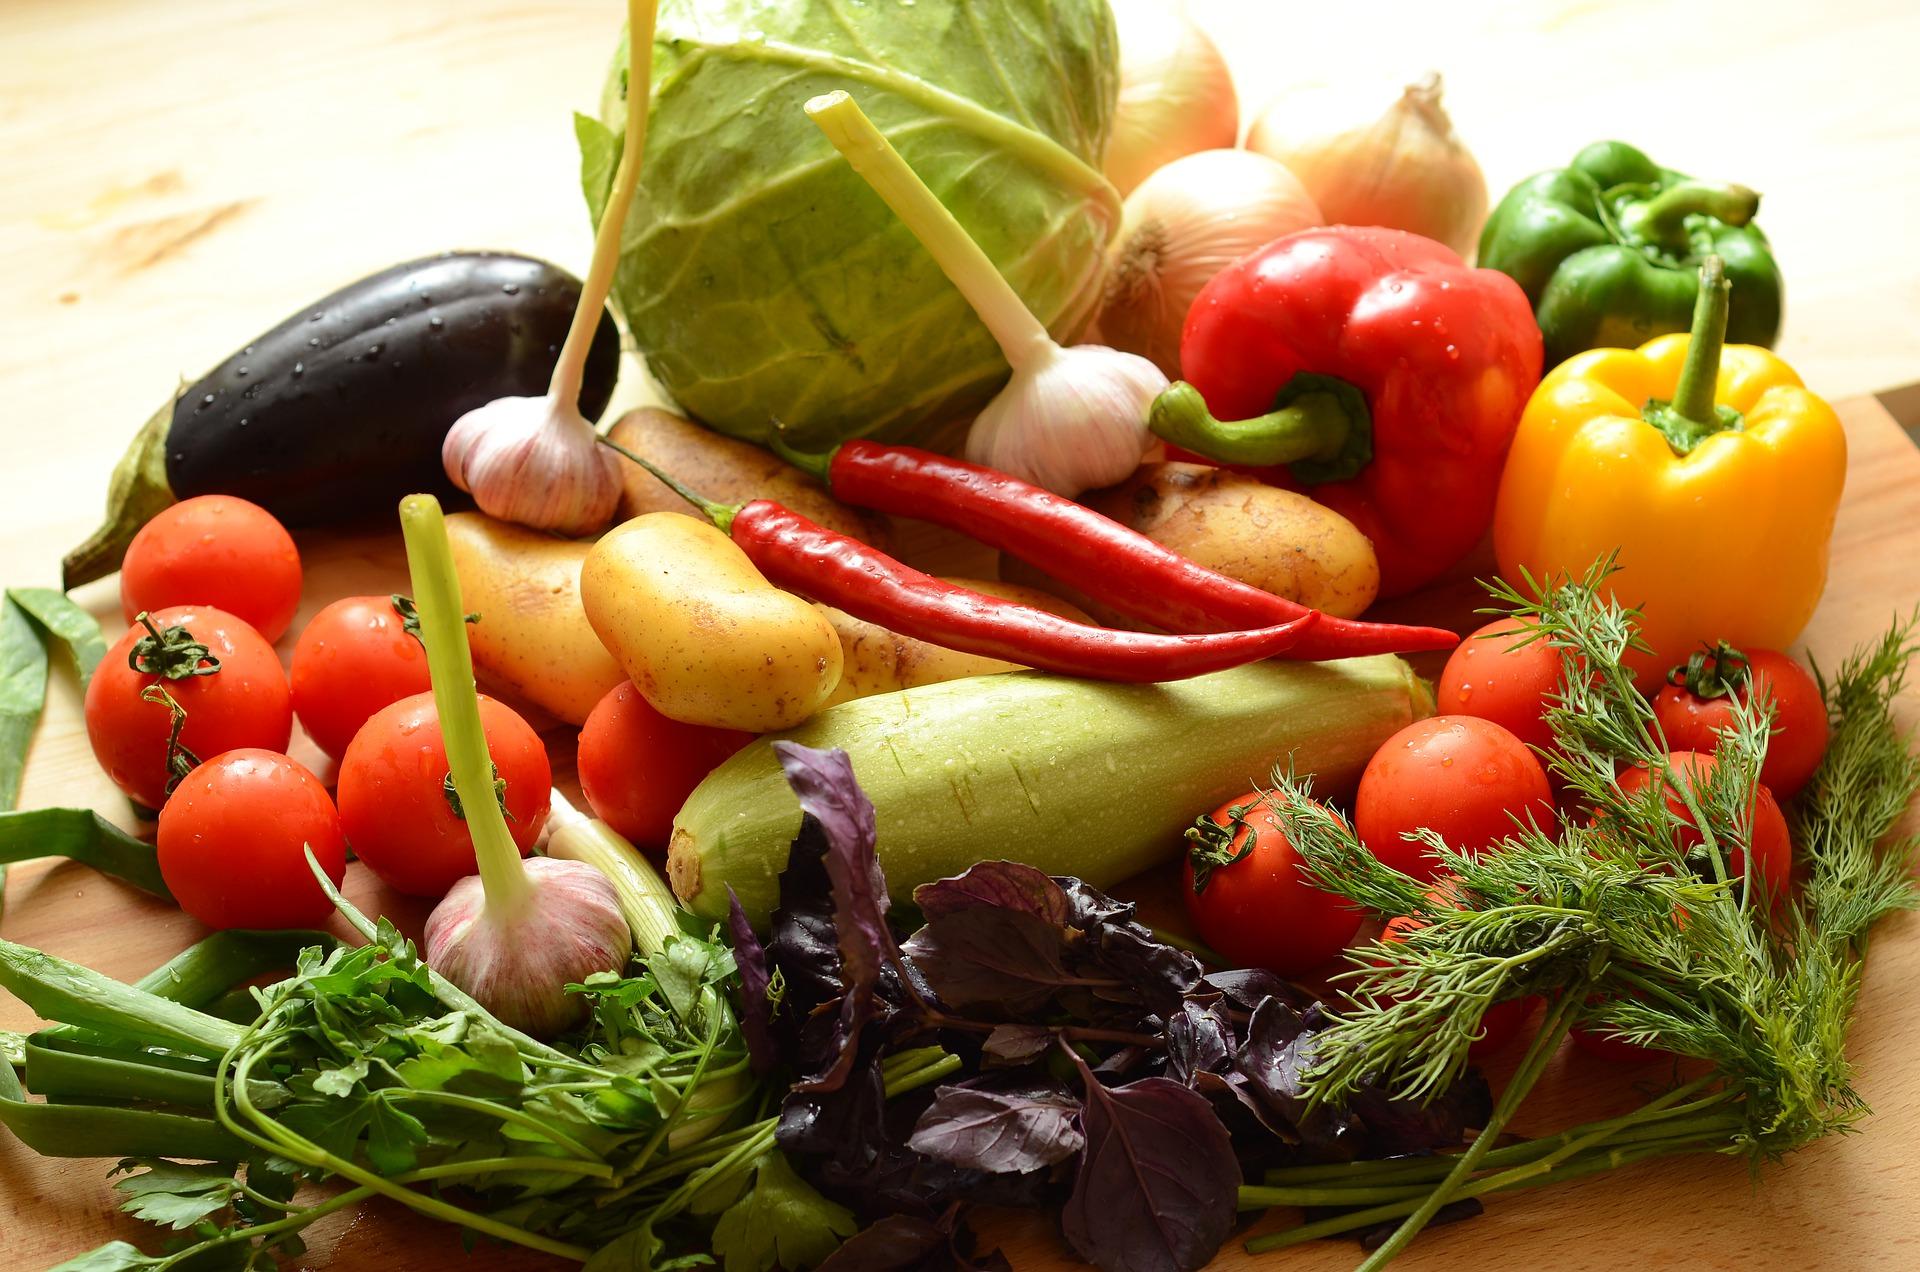 11% de incremento en precios de frutas y verduras